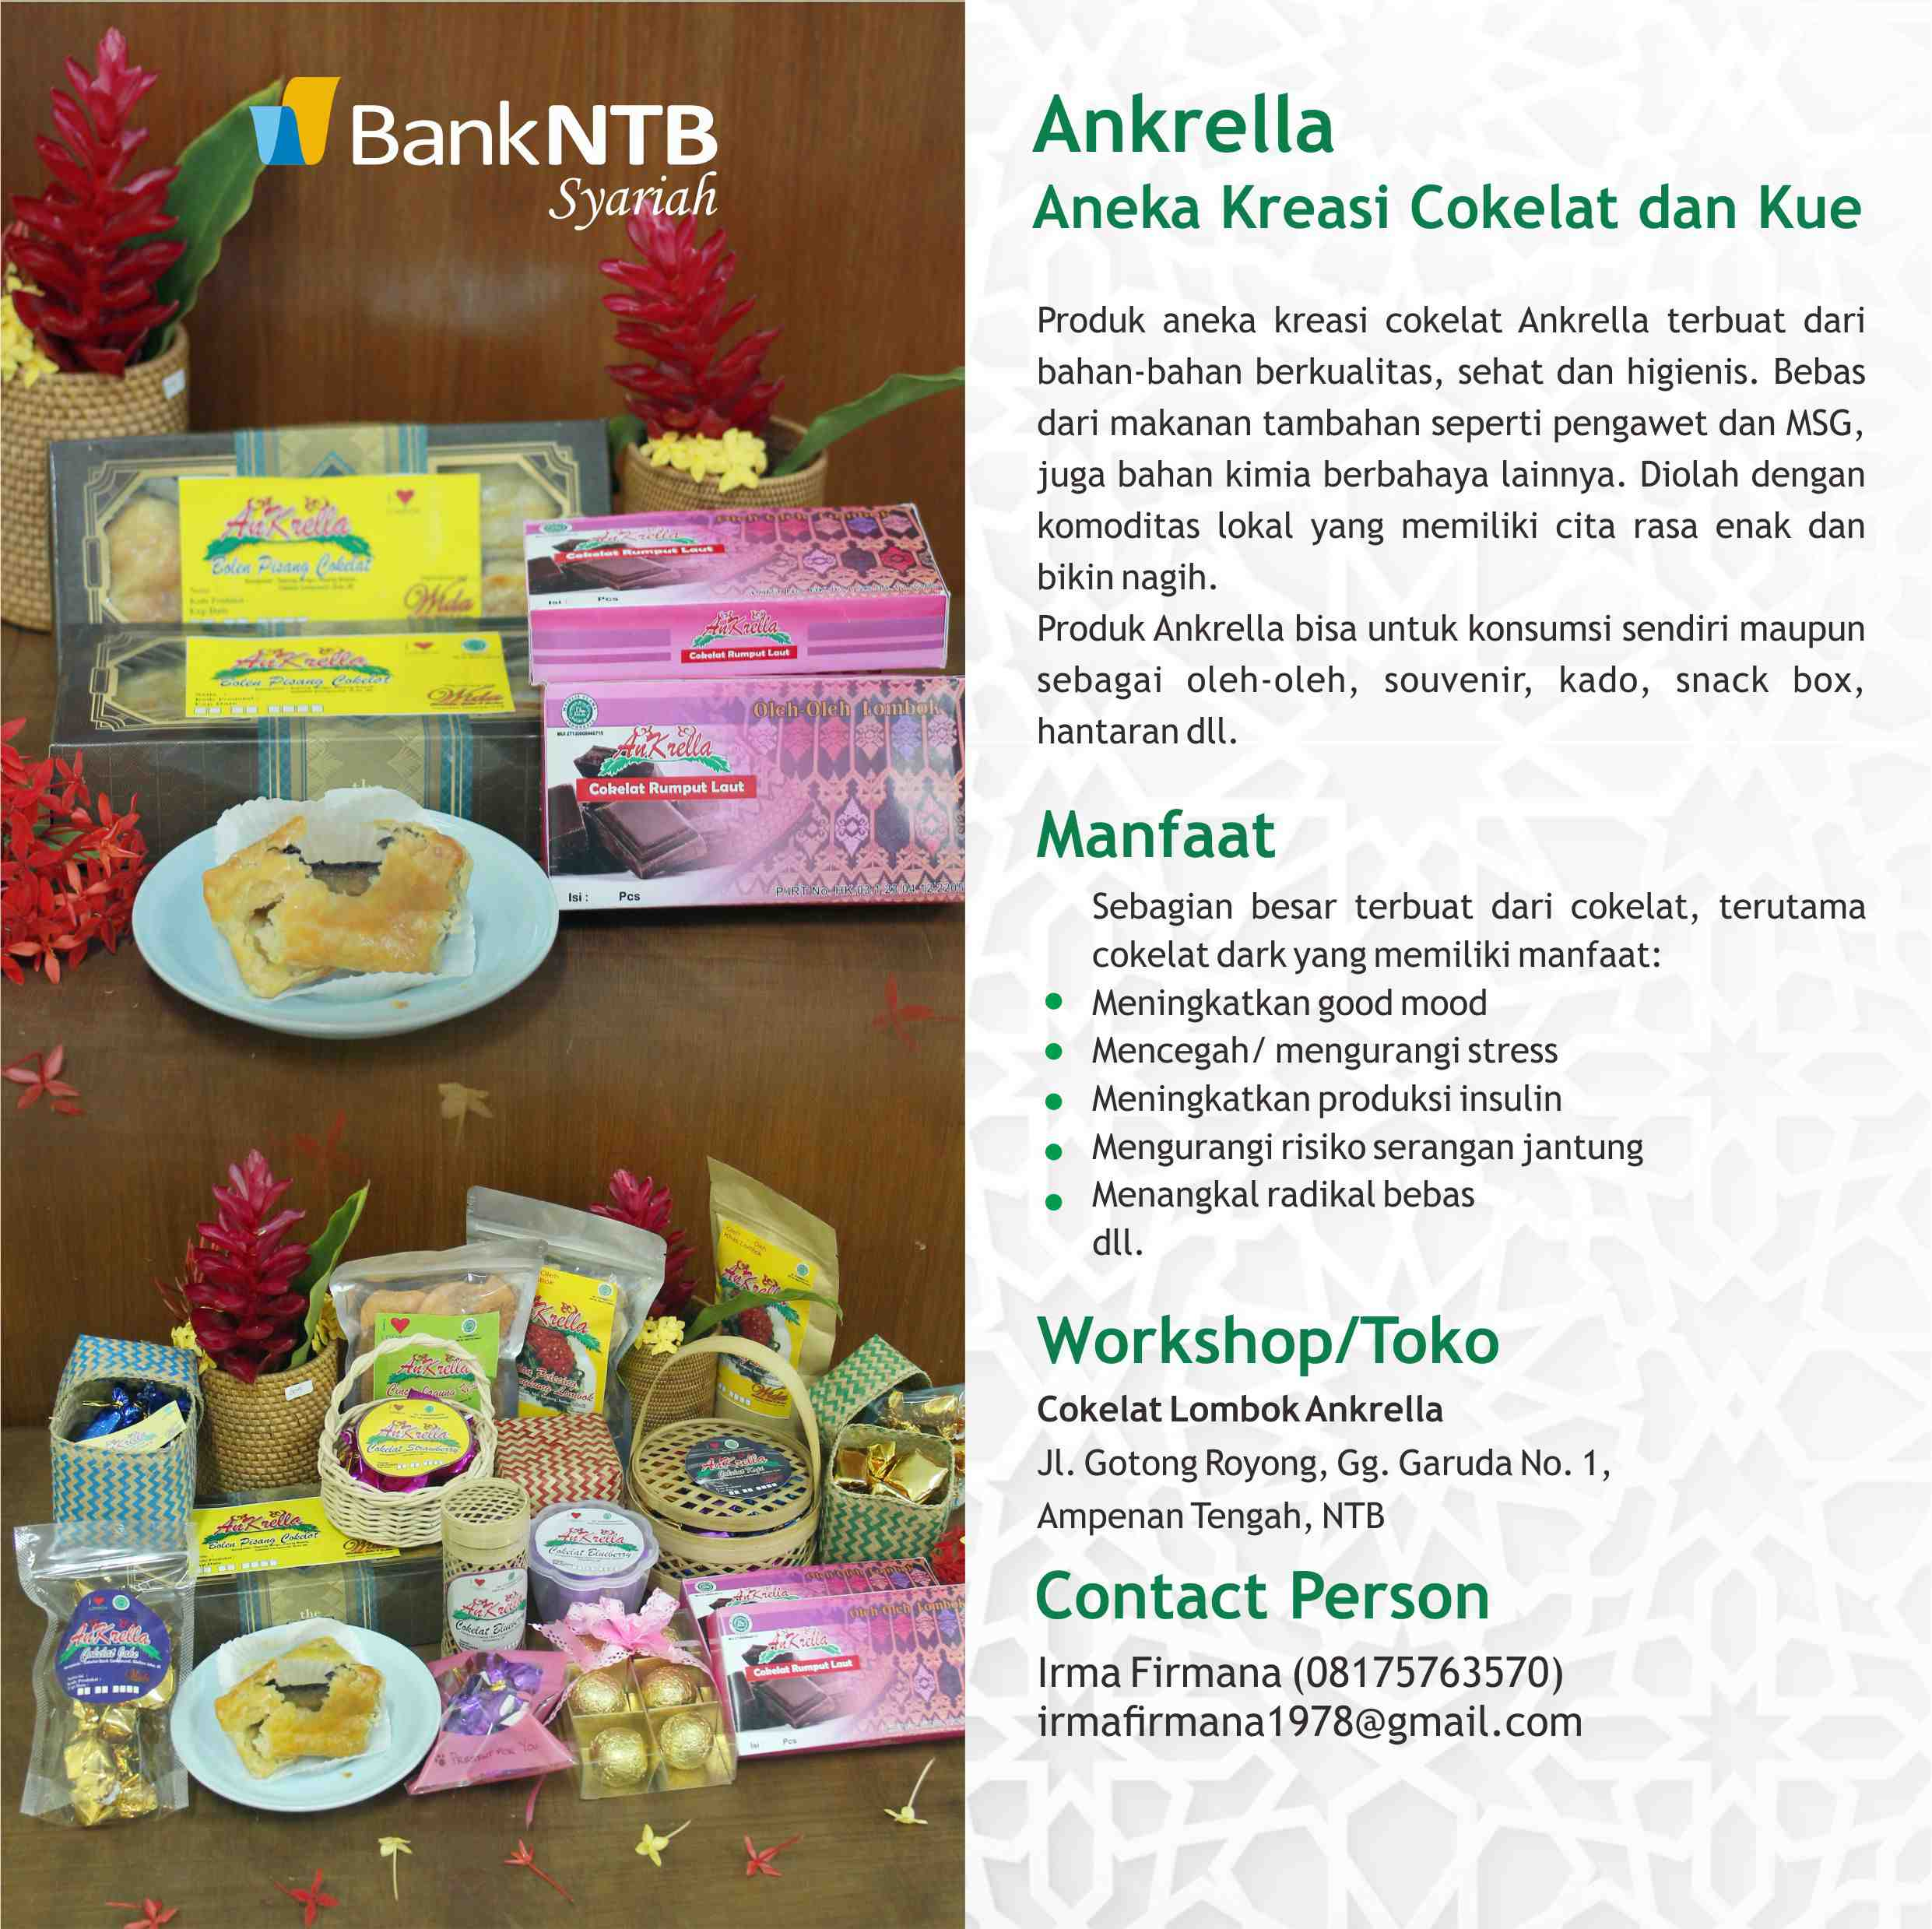 Ankrella_Aneka_Kreasi_Cokelat_dan_Kue_